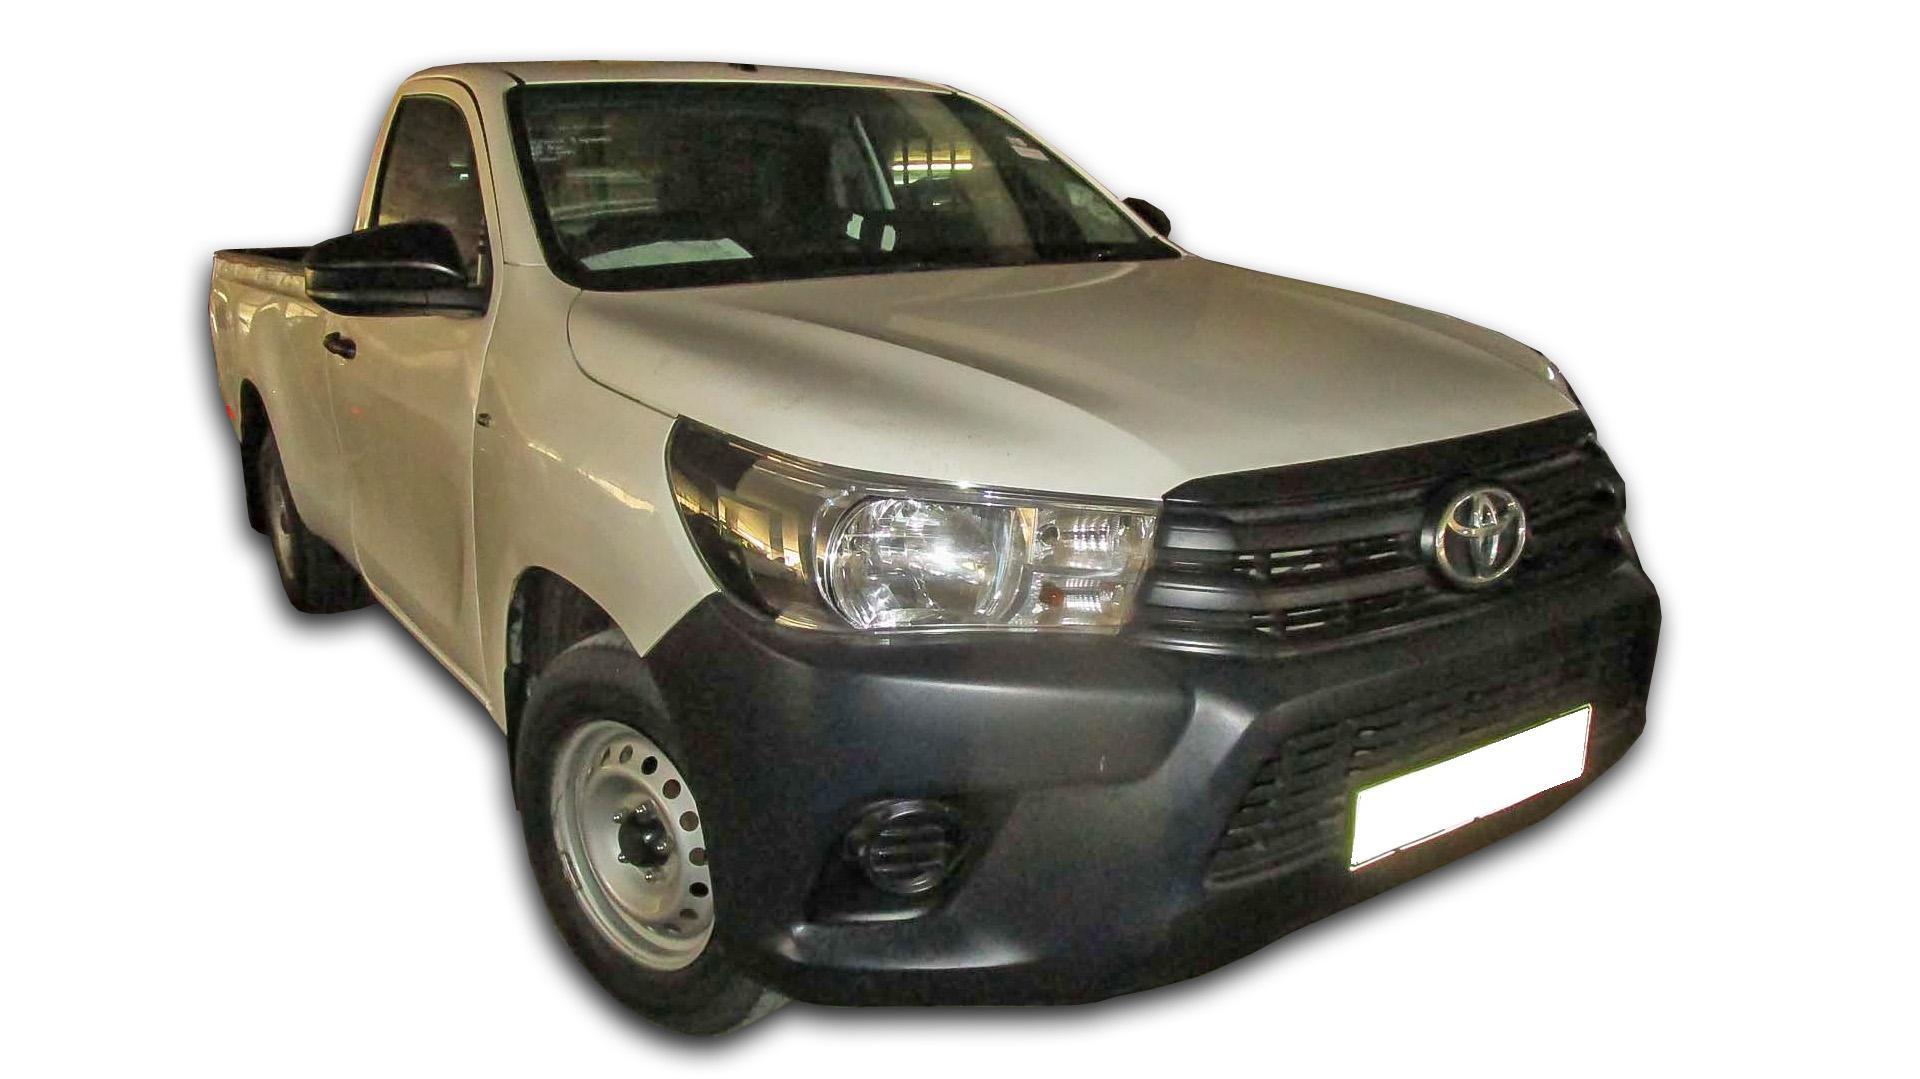 Toyota Hilux 2.4 GD A/C P/U S/C